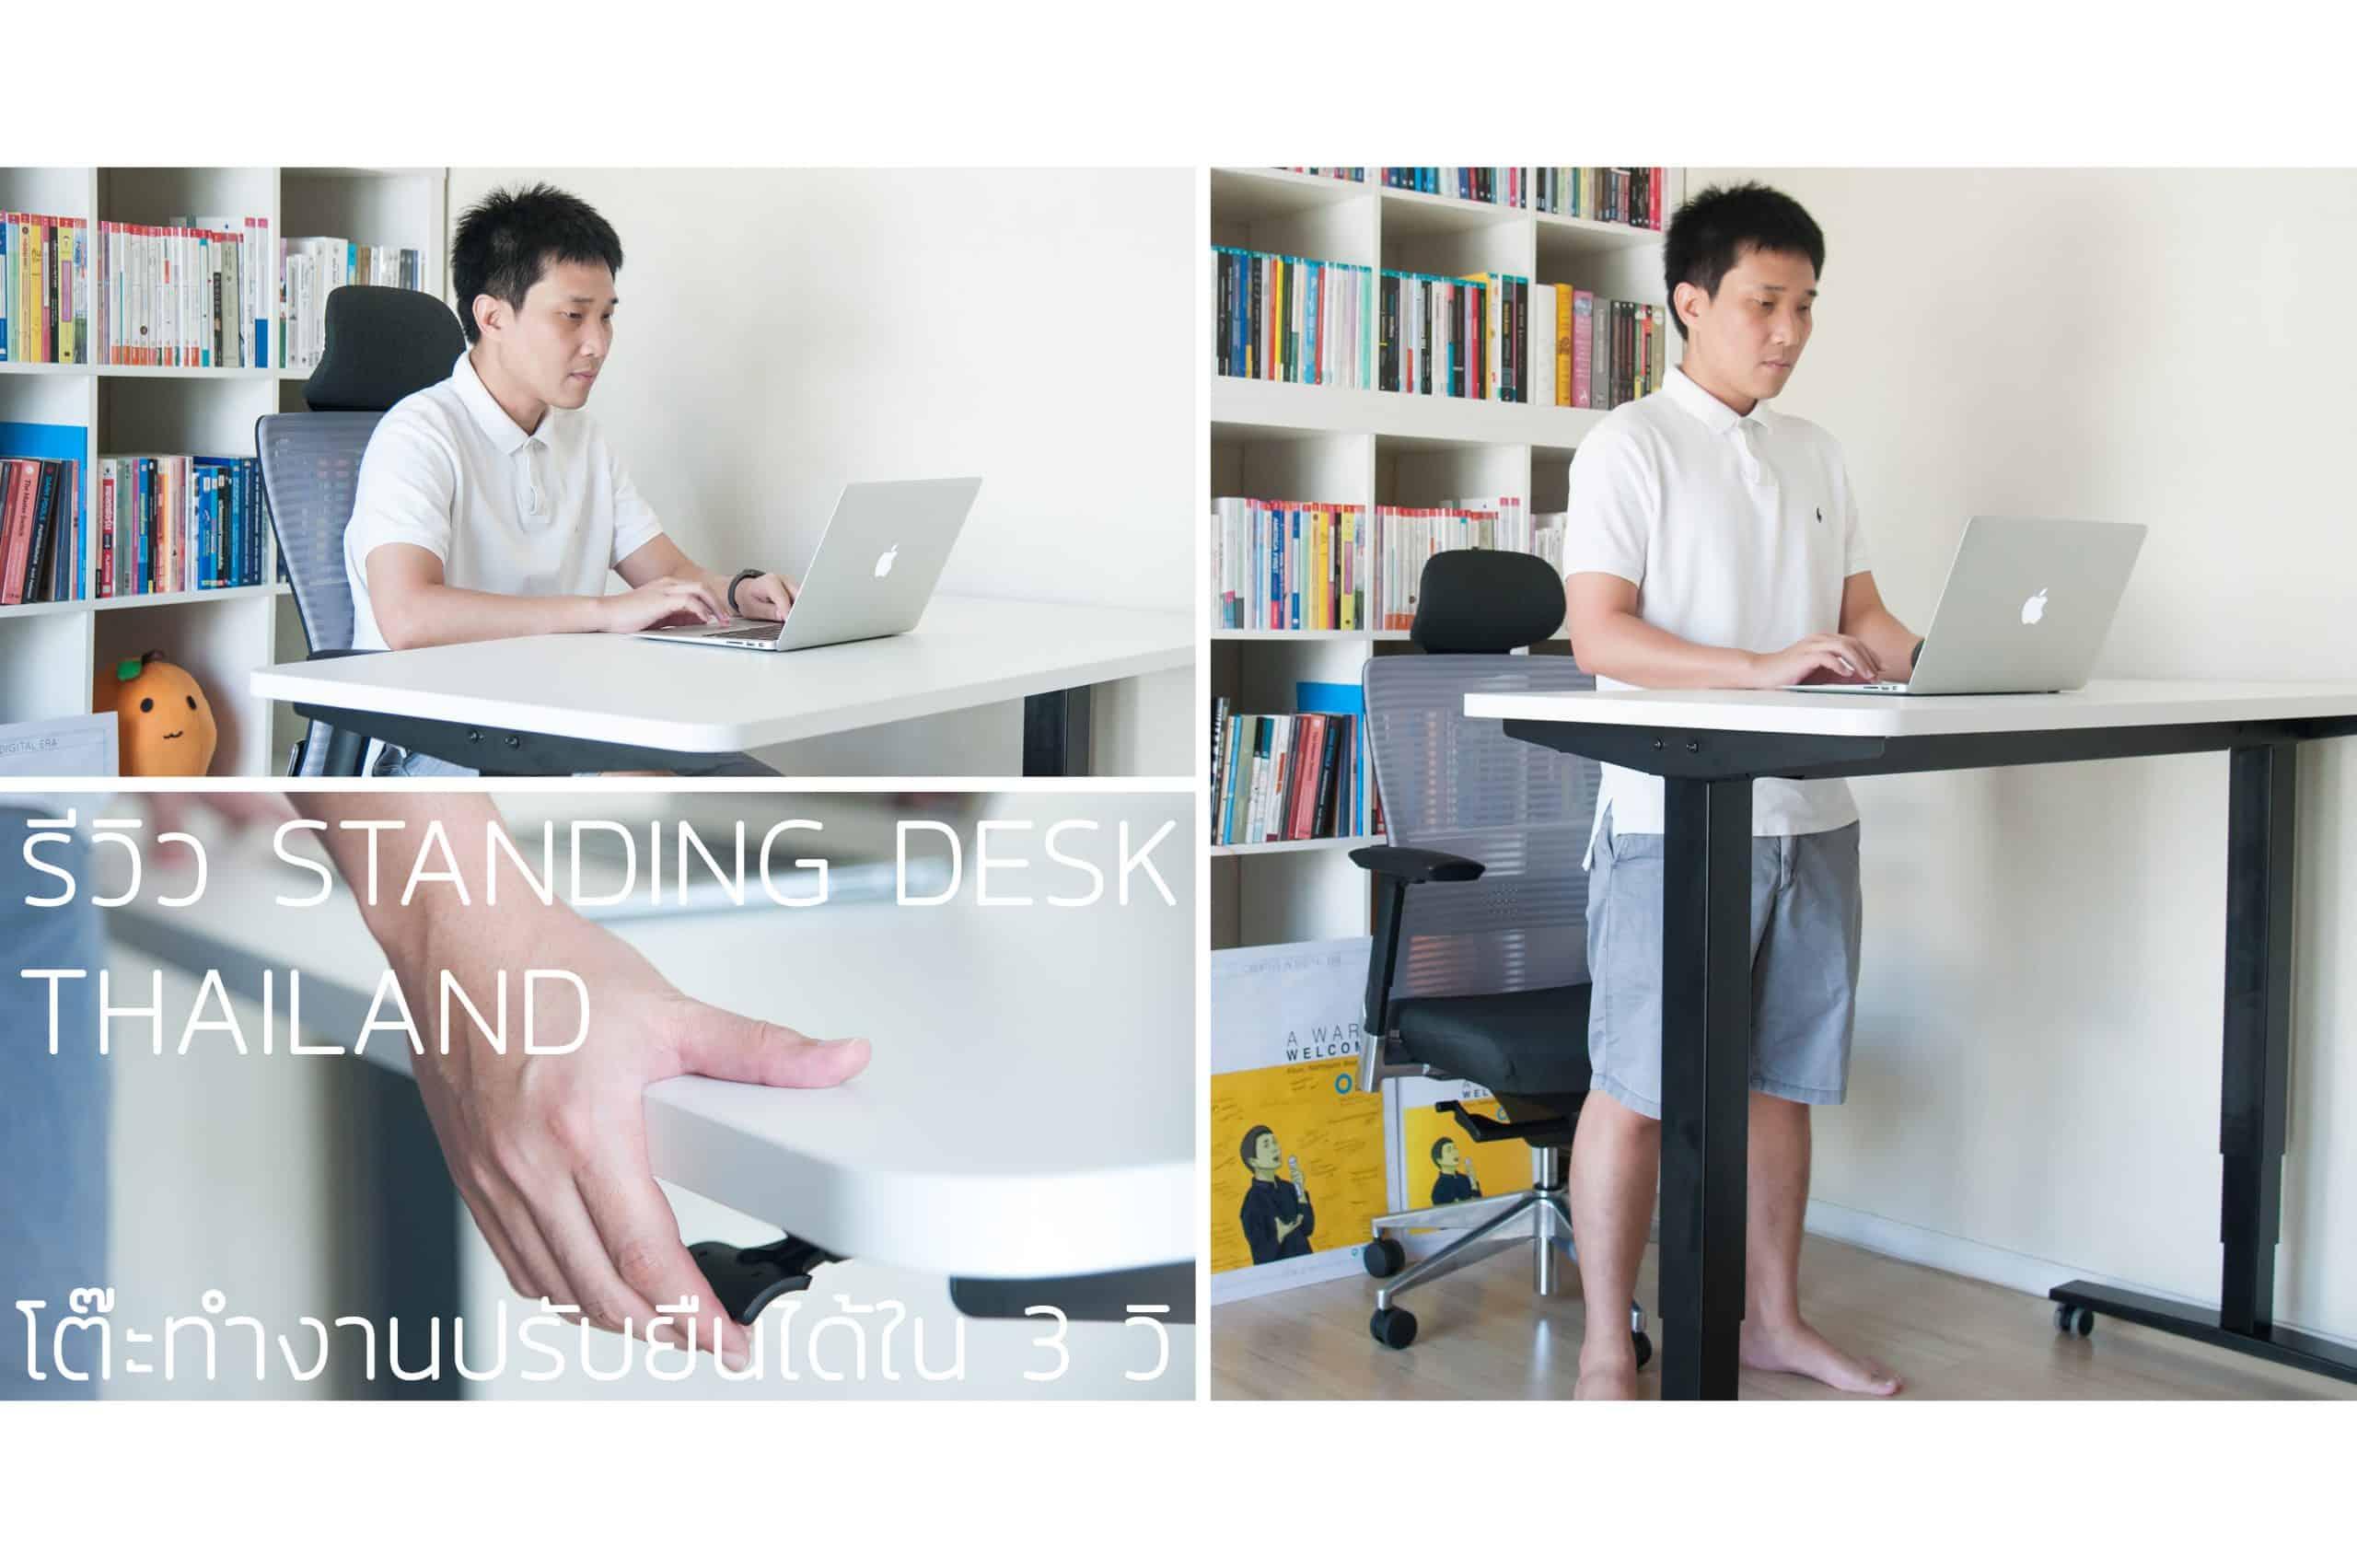 รีวิวโต๊ะยืนทำงานเพื่อสุขภาพ Standing Desk Thailand เหมาะมากกับคนอายุ 30+